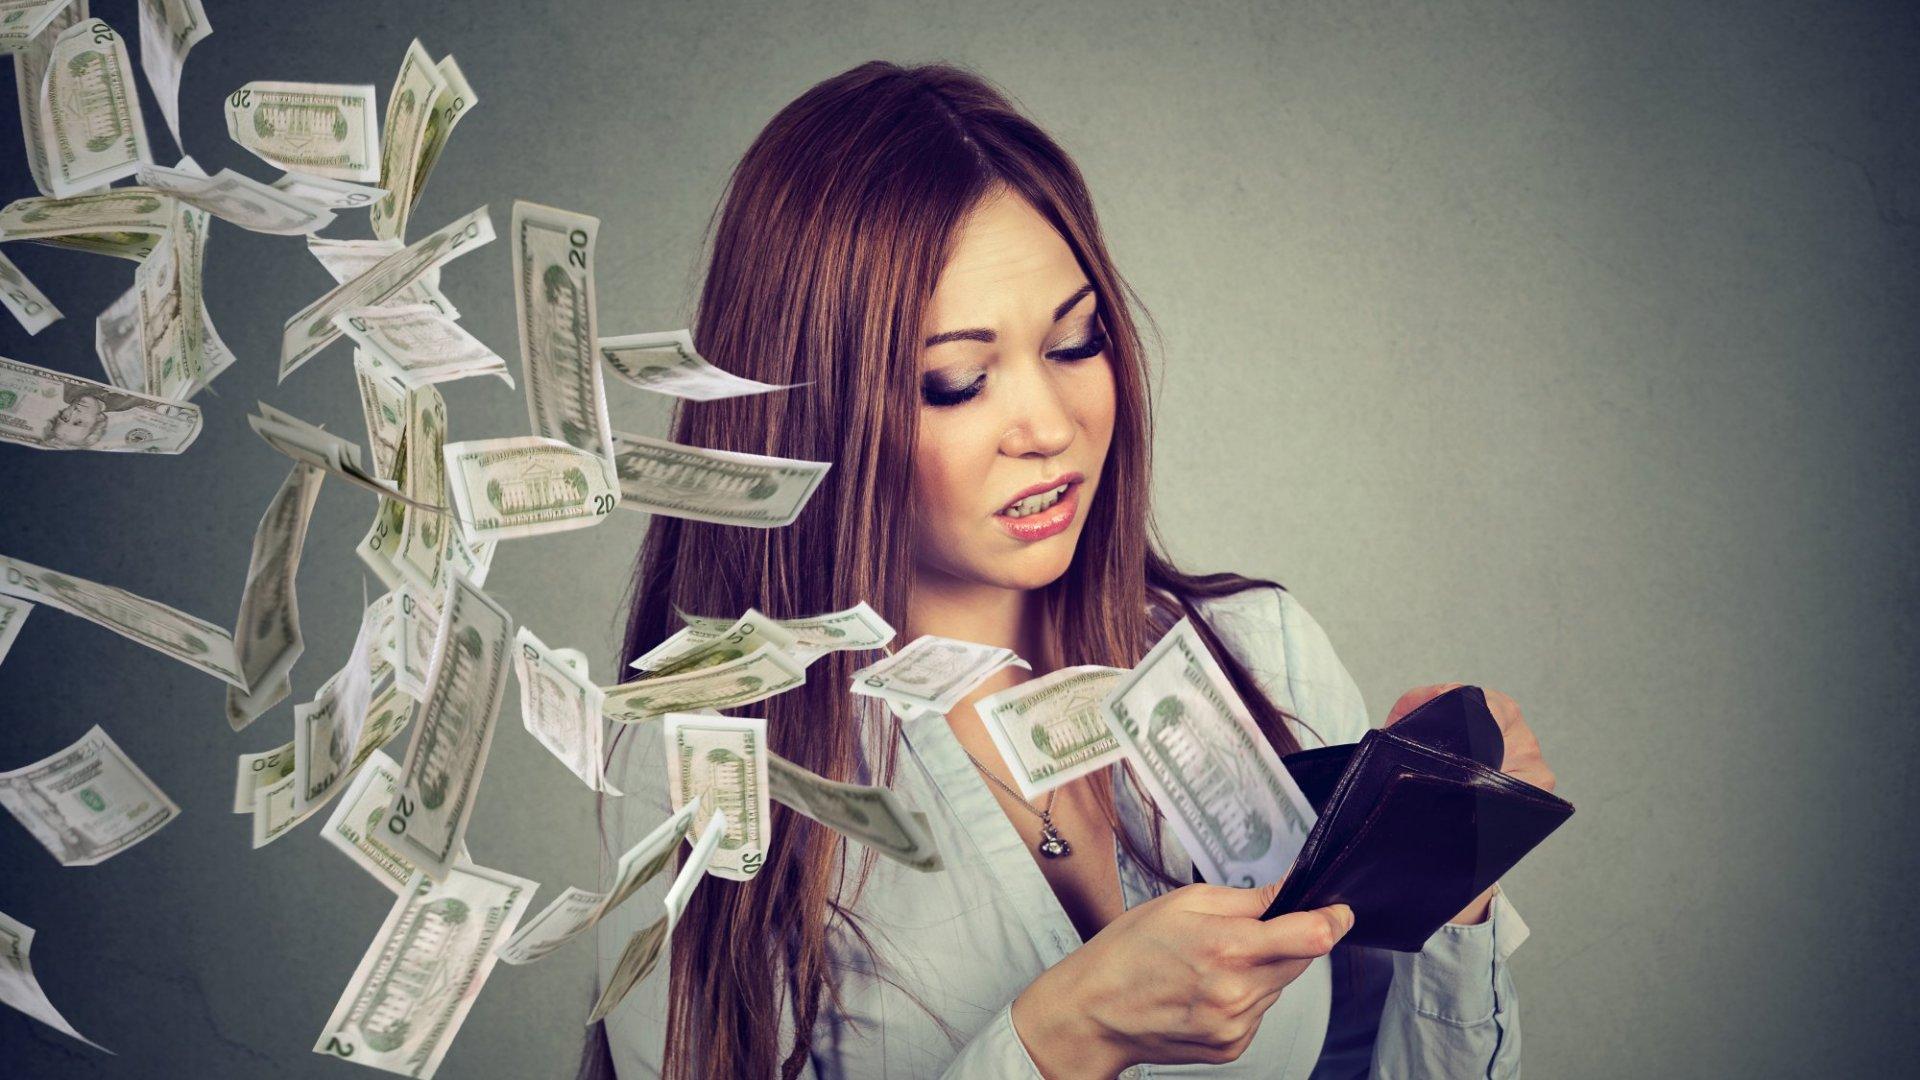 पैसों की बर्बादी-उन्नति में रुकावट, इंसान की हर बड़ी मुश्किल का हल हैं ये उपाय